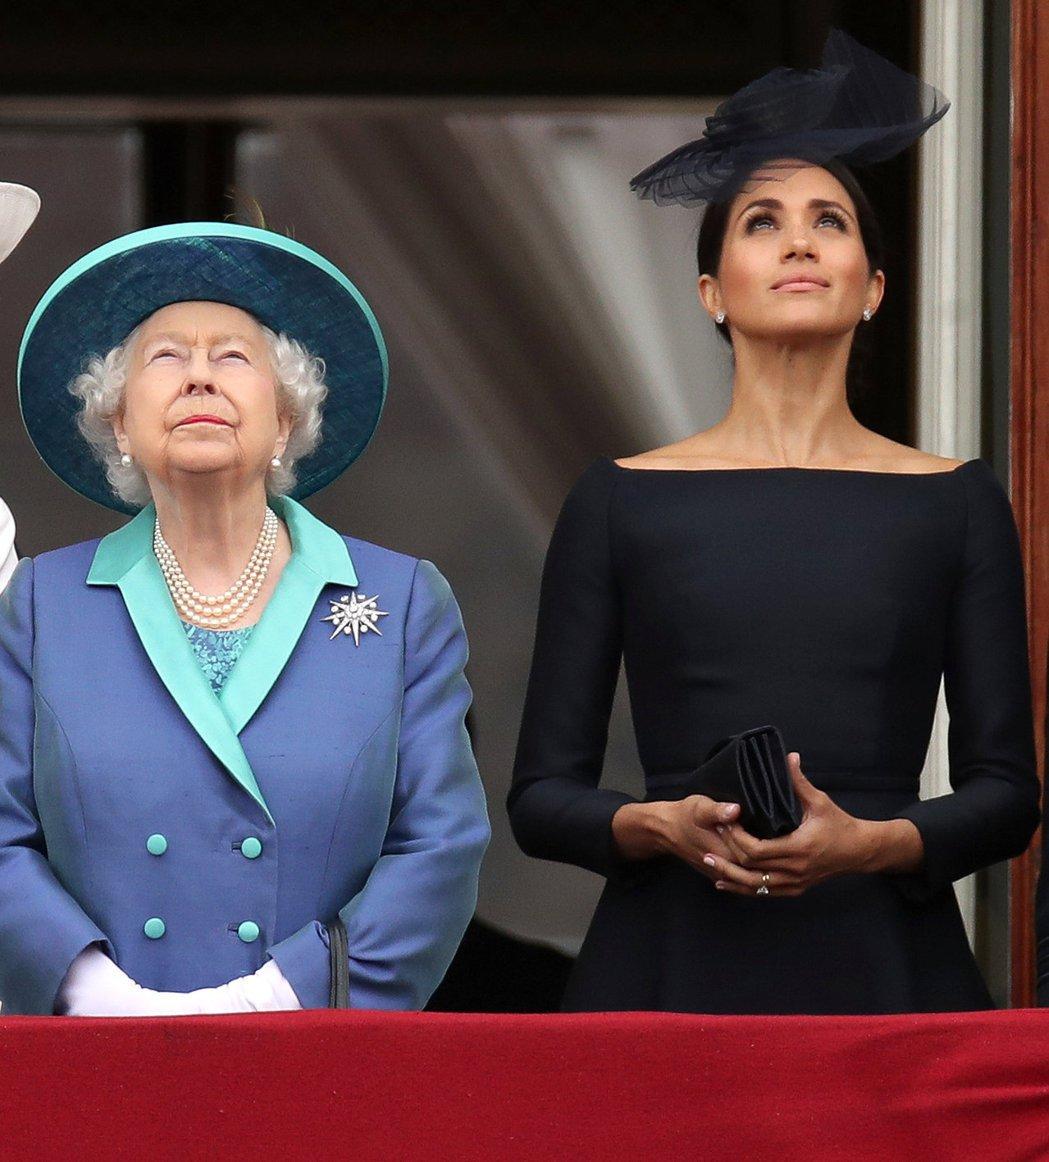 伊麗莎白二世女王(左)與梅根之間有複雜的情緒。圖/路透資料照片